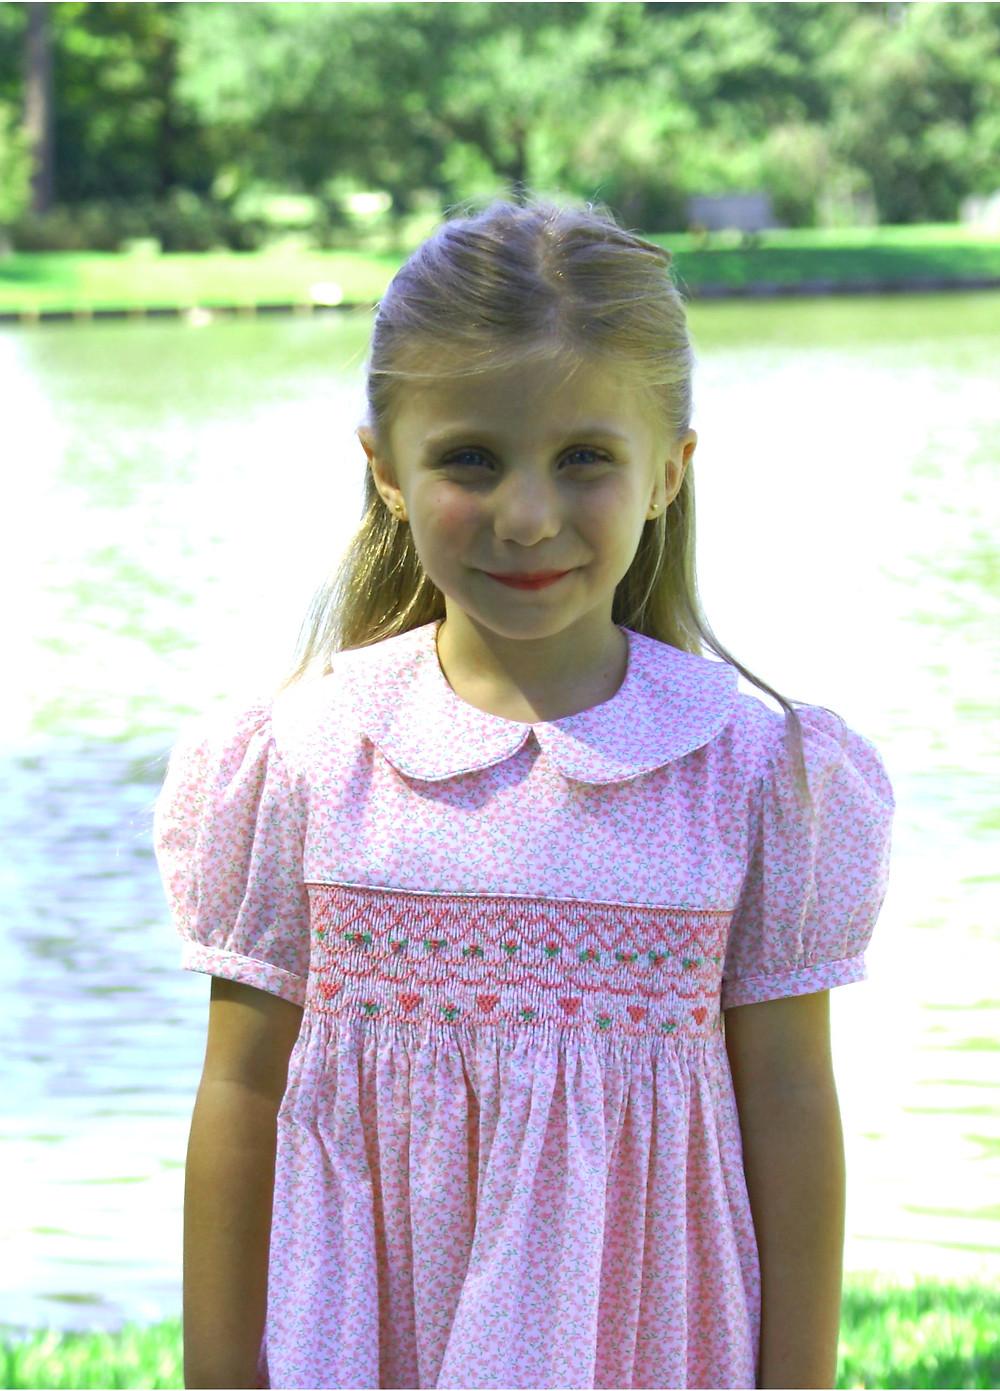 Reese's Garden Dress